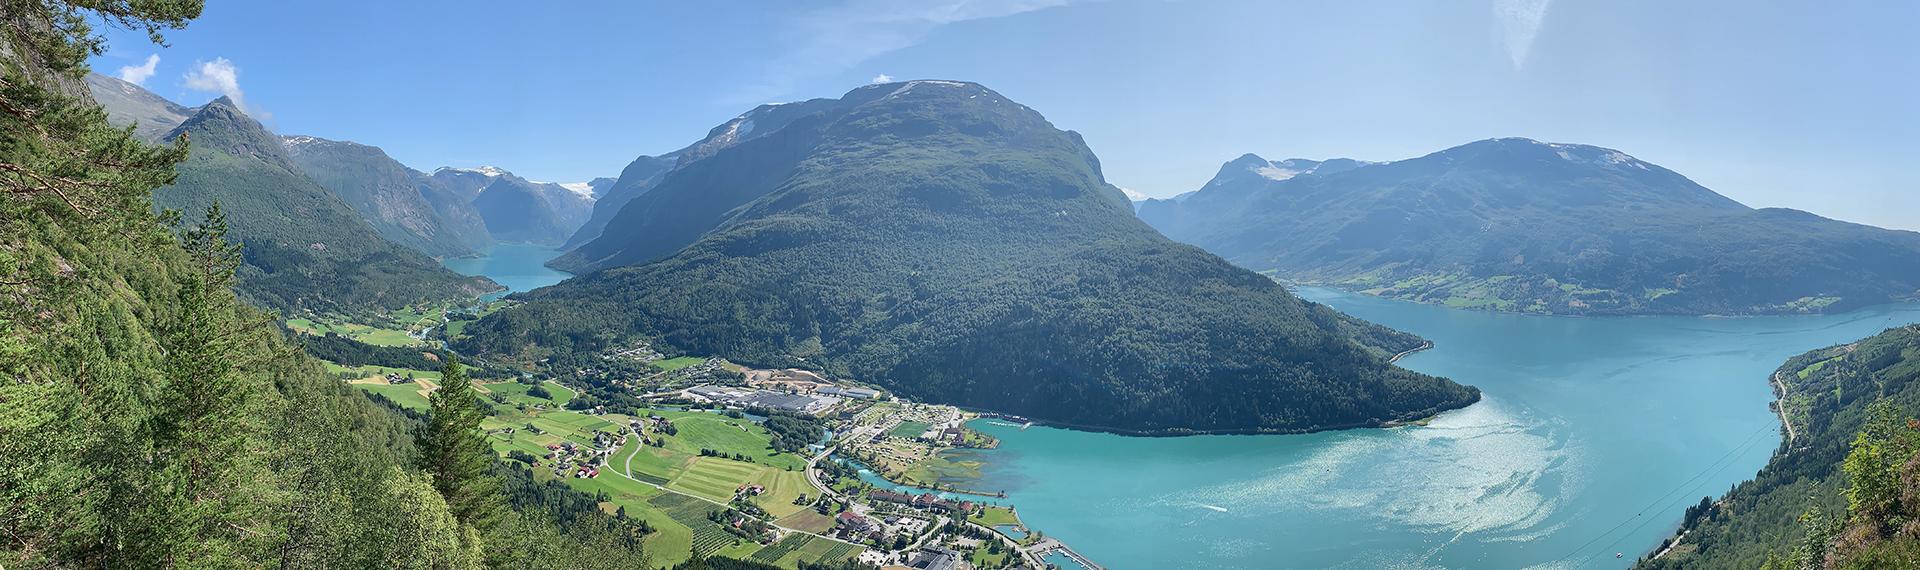 Loen, Via Ferrata, Norway